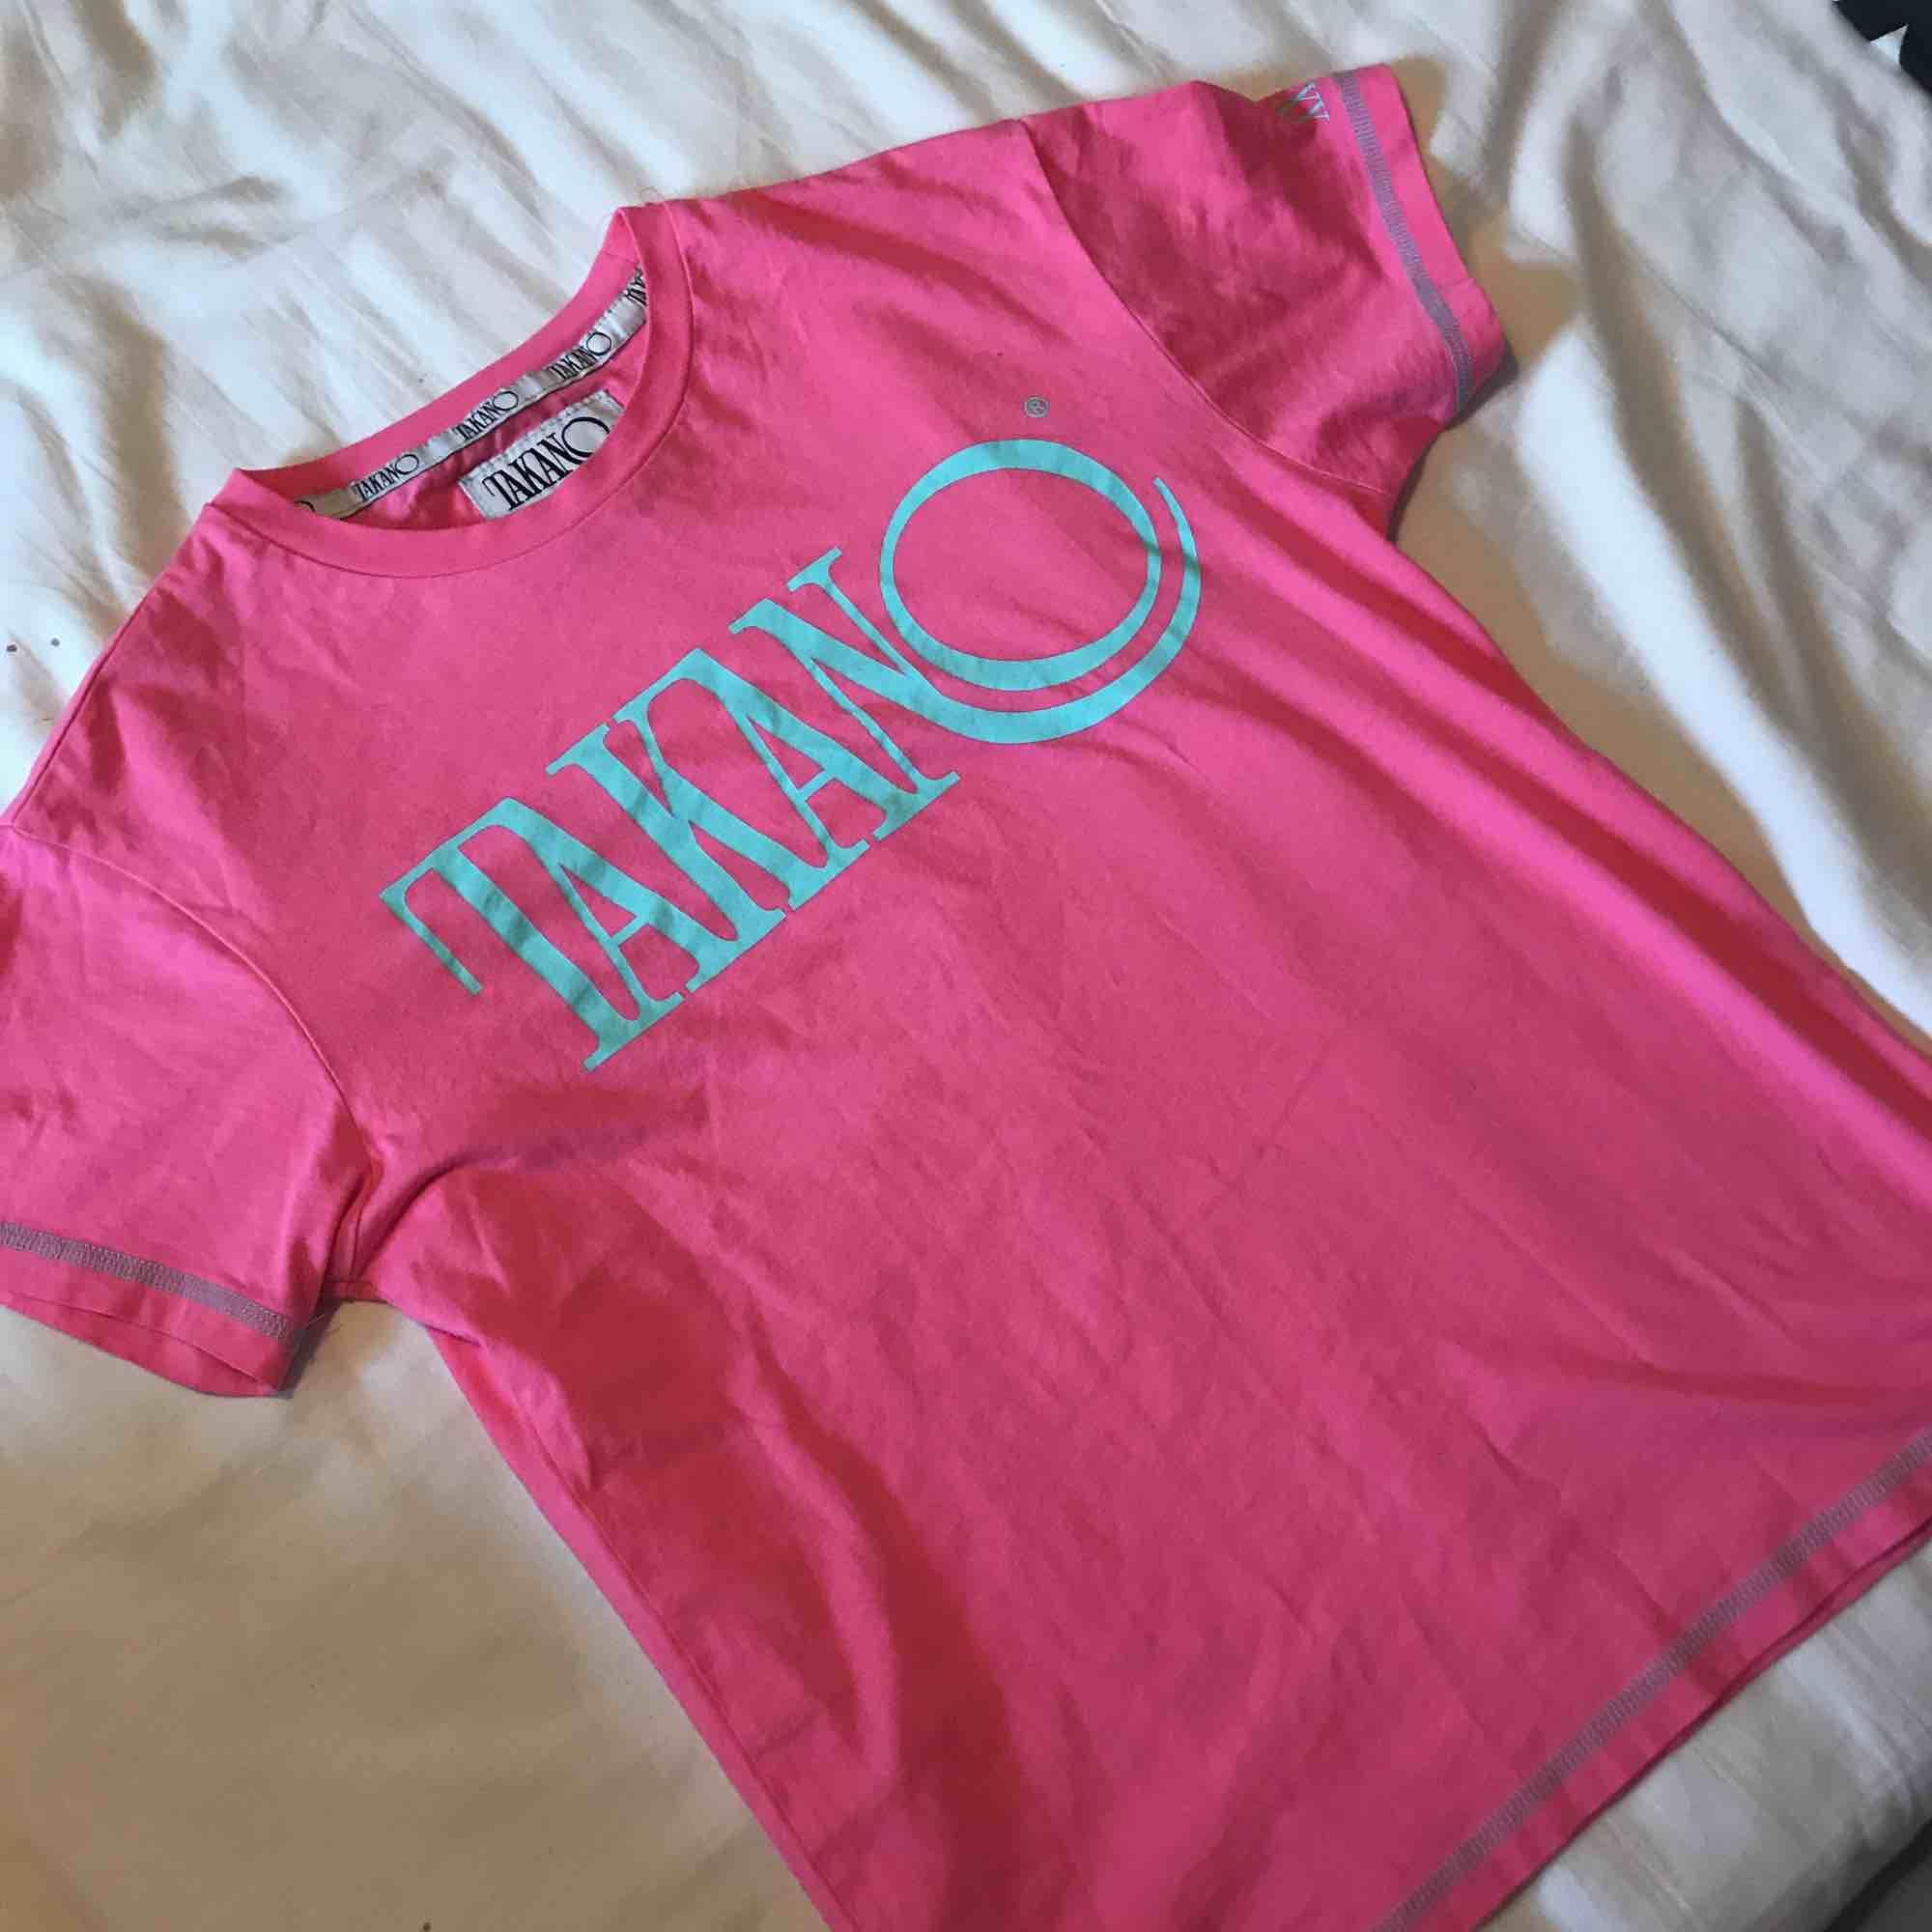 Rosa takano tröja, köp på junkyard. T-shirts.